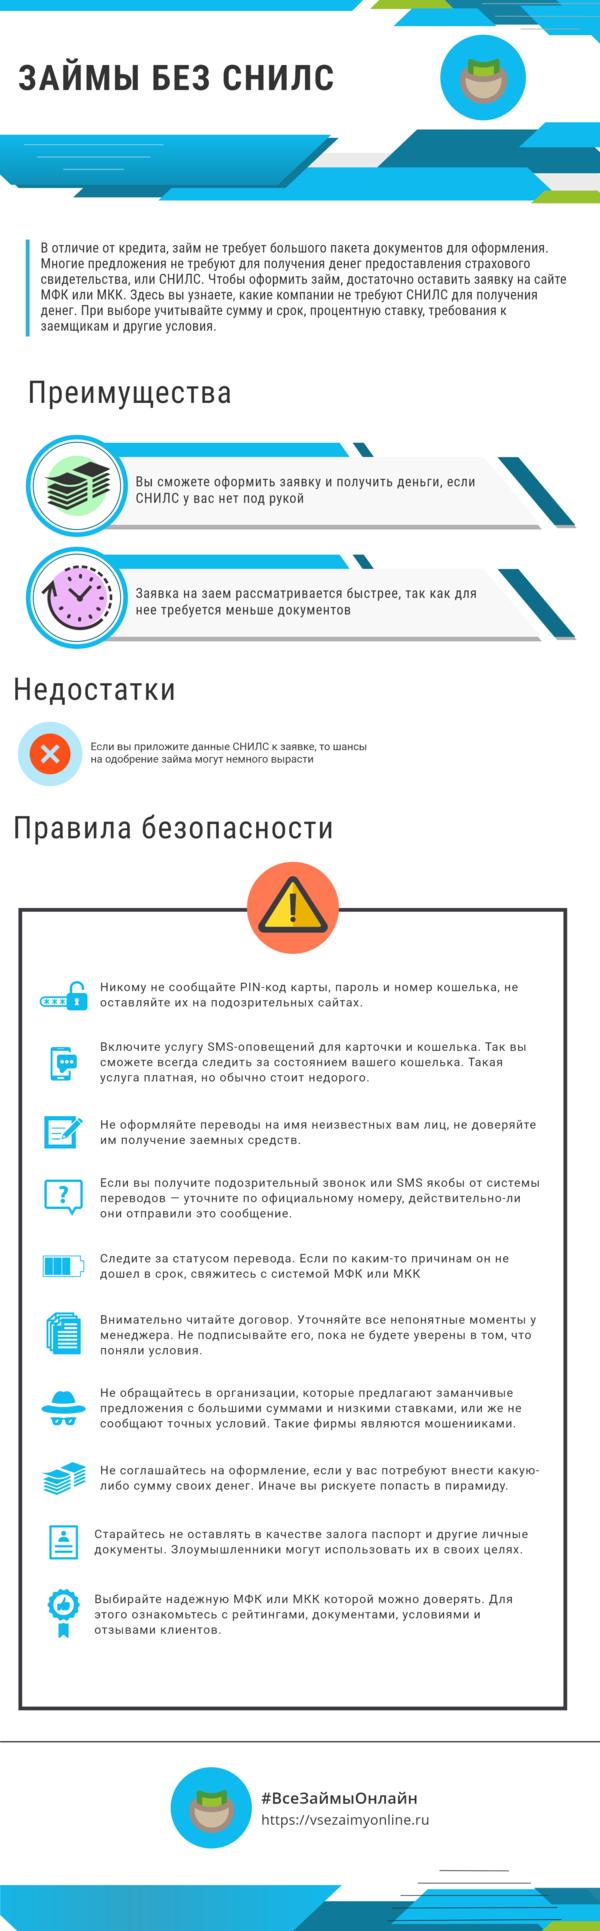 Где взять кредит без отказа без справок и поручителей в москве